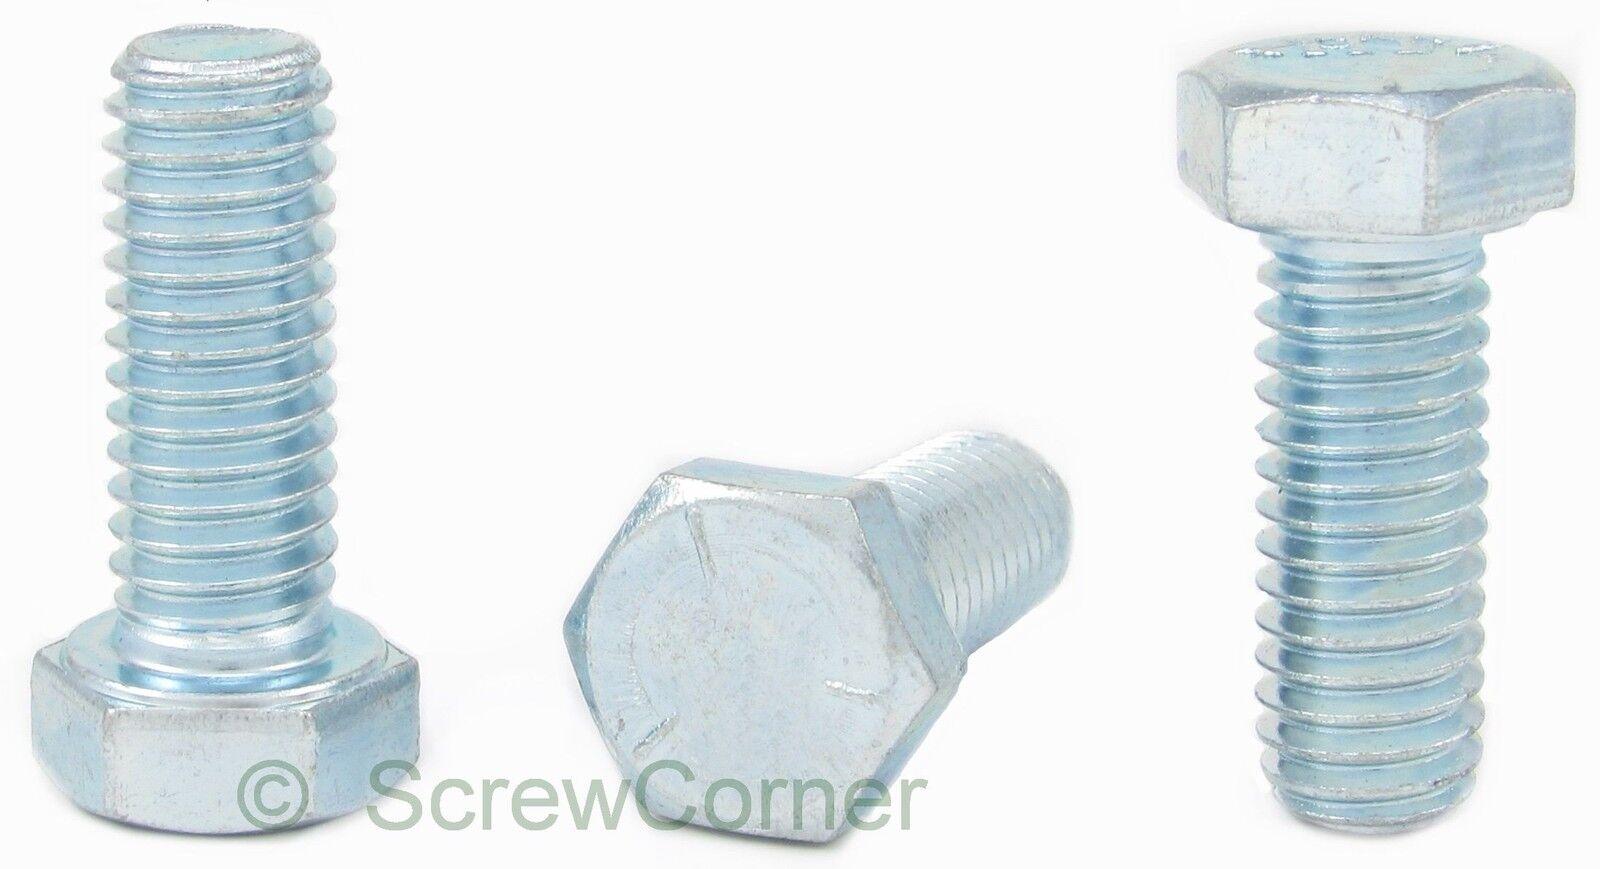 Sechskantschraube 3/4-10 UNC x 2 Grd. 5 verzinkt (8.8) - Hexagon Tab Bolt